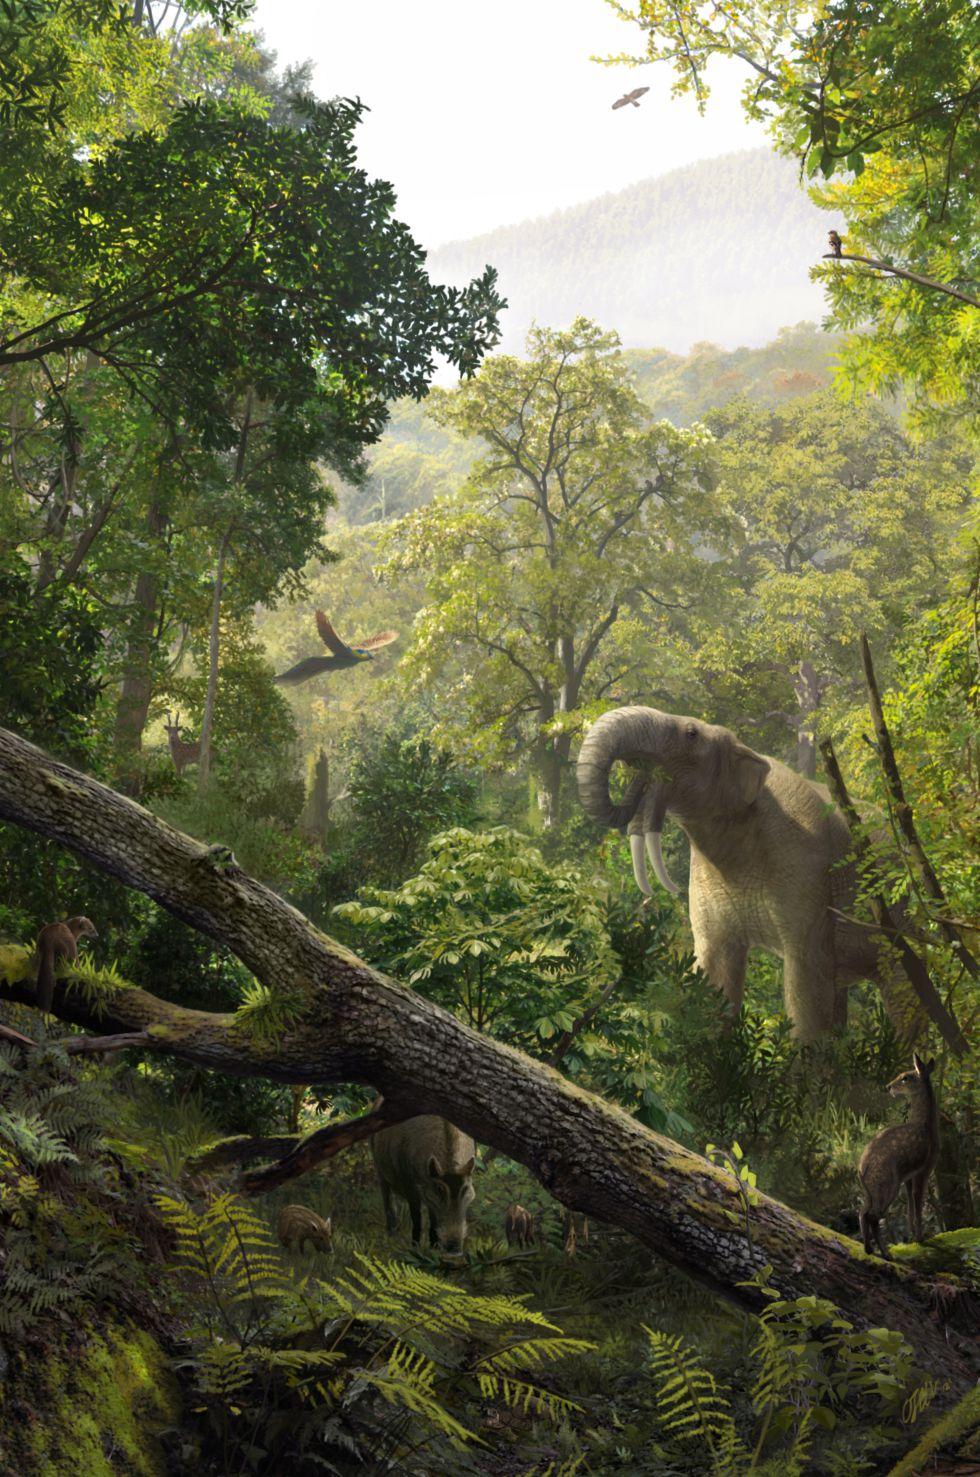 Reconstrucción del ambiente en el que vivió Laia hace 11,6 millones de años